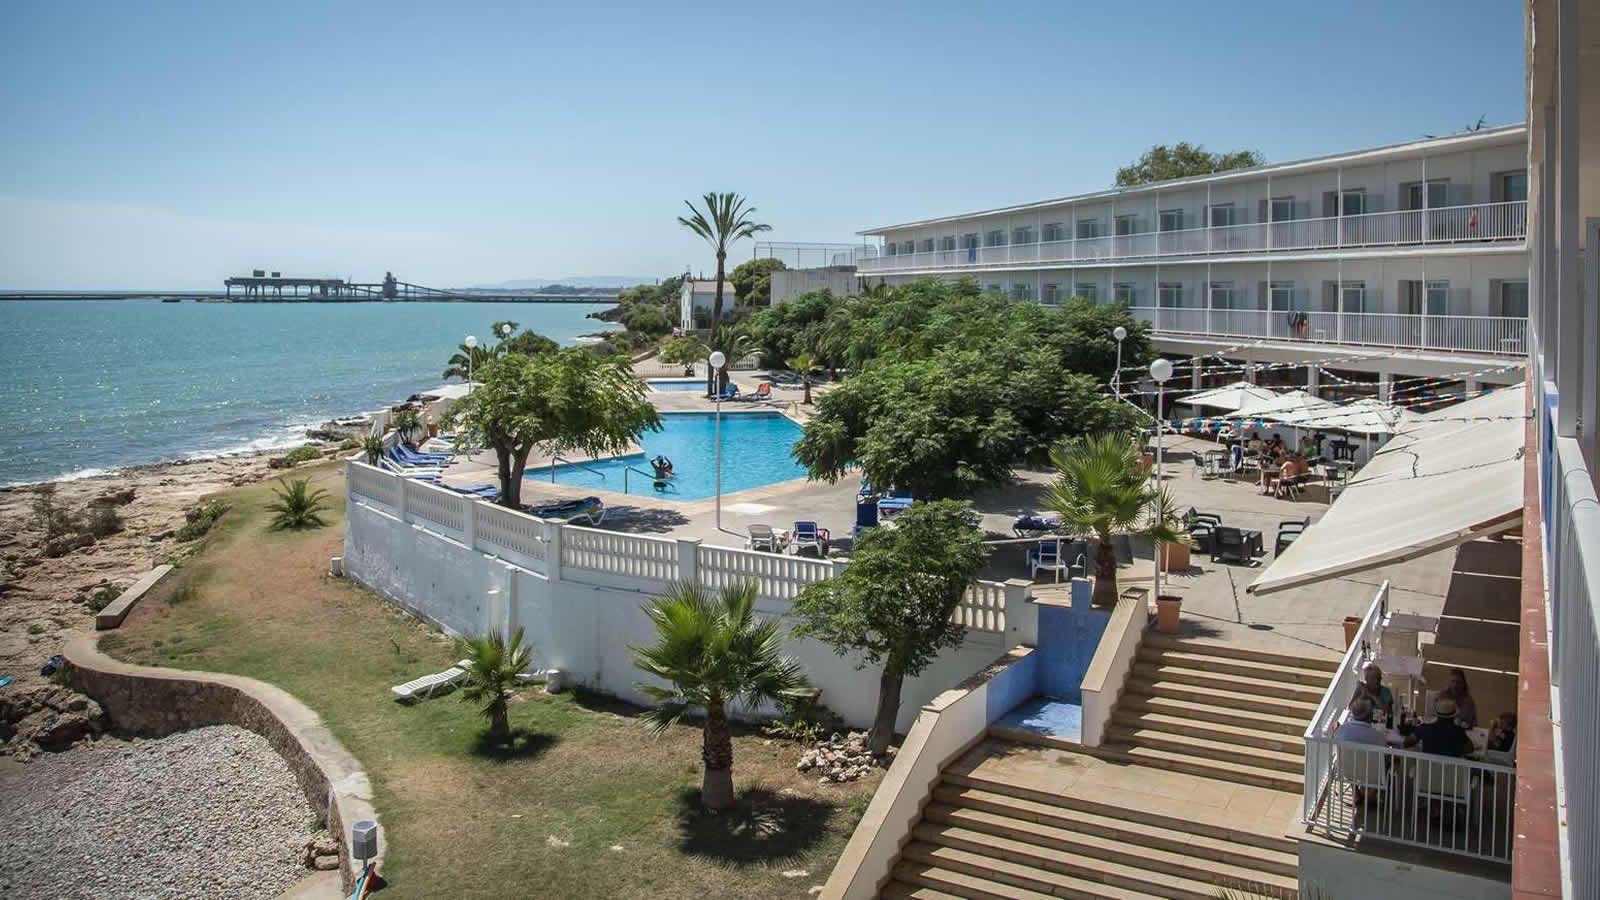 Activitats a les Instal·lacions de l'hotel a Alcanar - Sant Carles de la Ràpita - Delta de l'Ebre